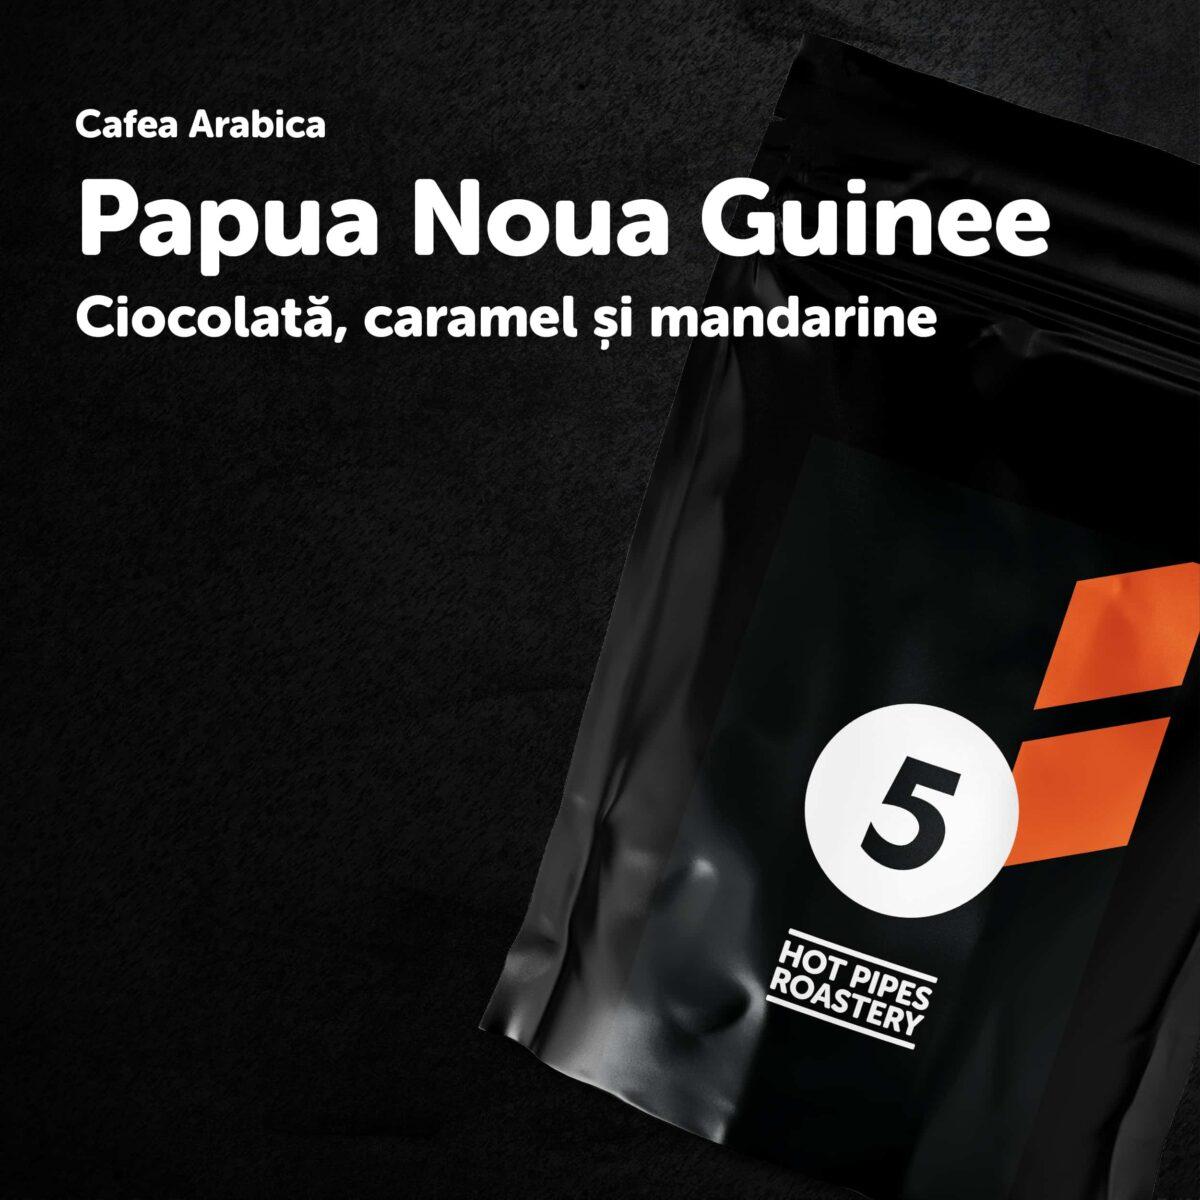 Papua Noua Guniee 1200x1200 02